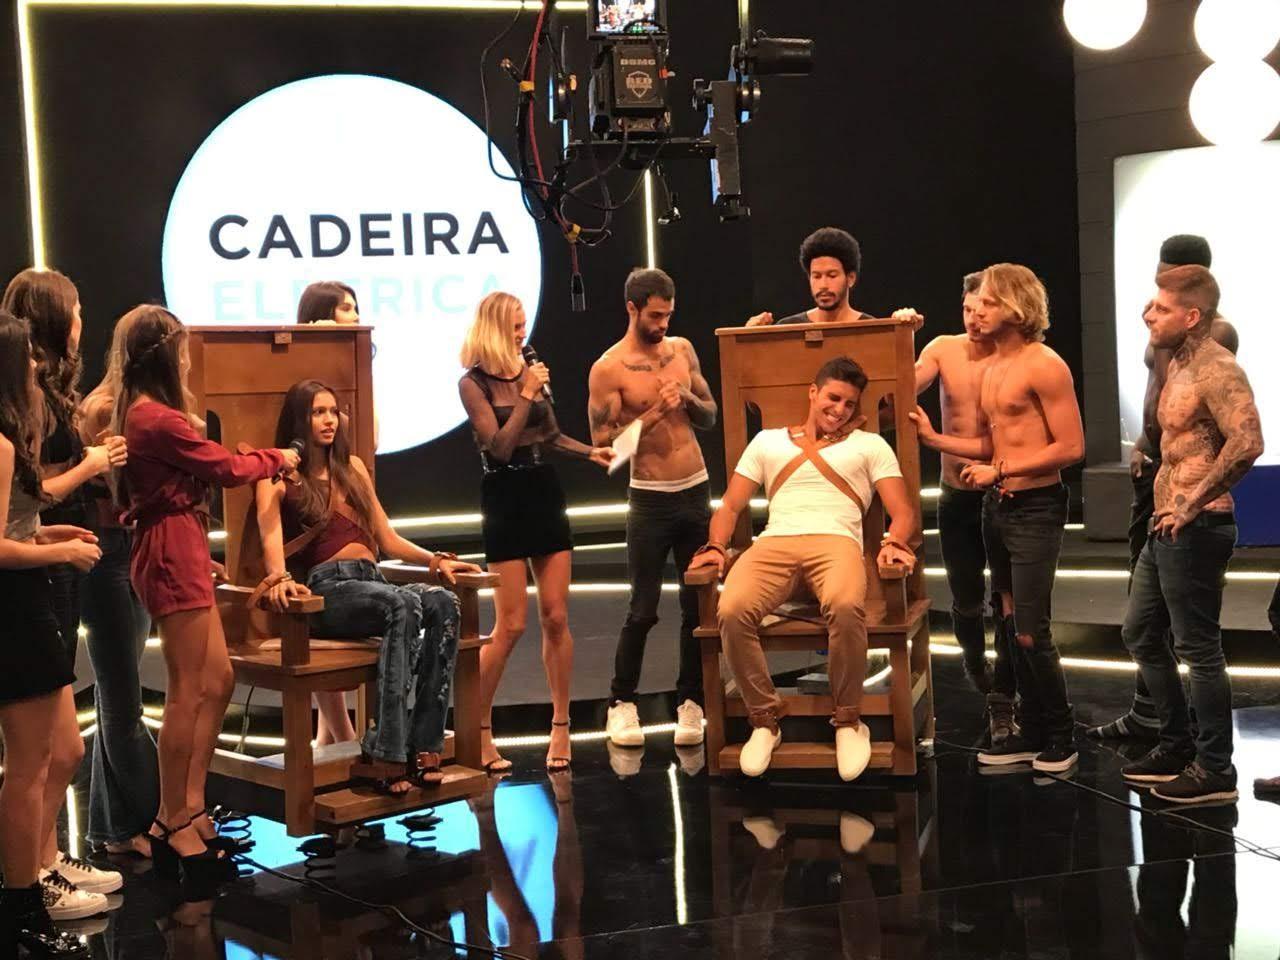 Lucas Mantellato na prova da cadeira elétrica. Foto: Conexão Models/MM Estratégia de Imagem